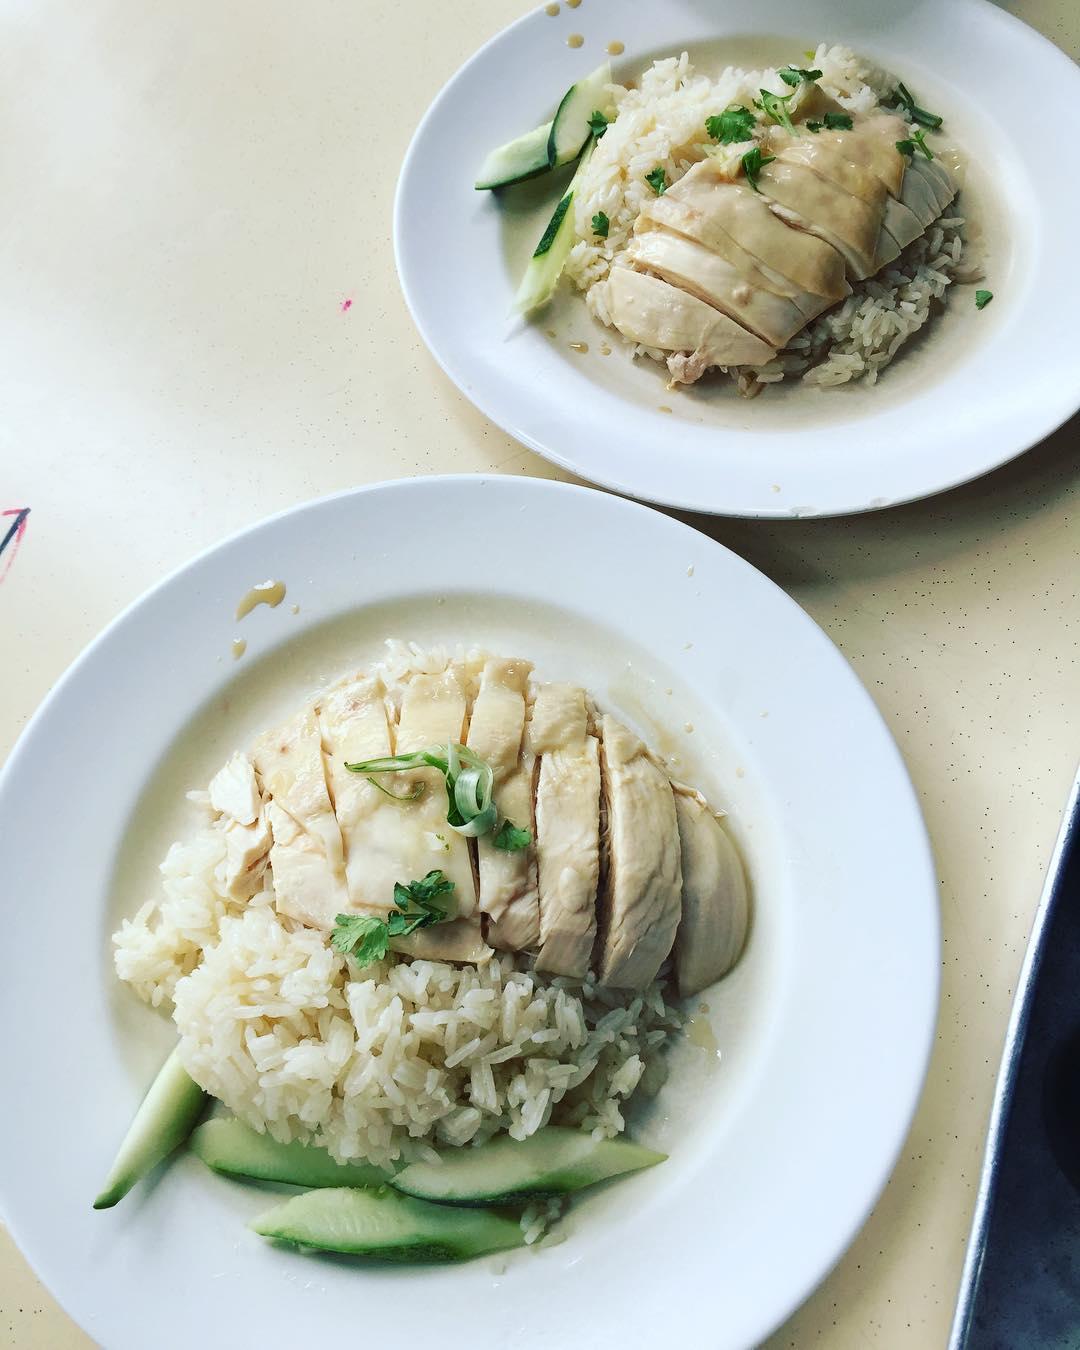 Changi Village Food Tiong Bahru Boneless Hainanese Chicken Rice